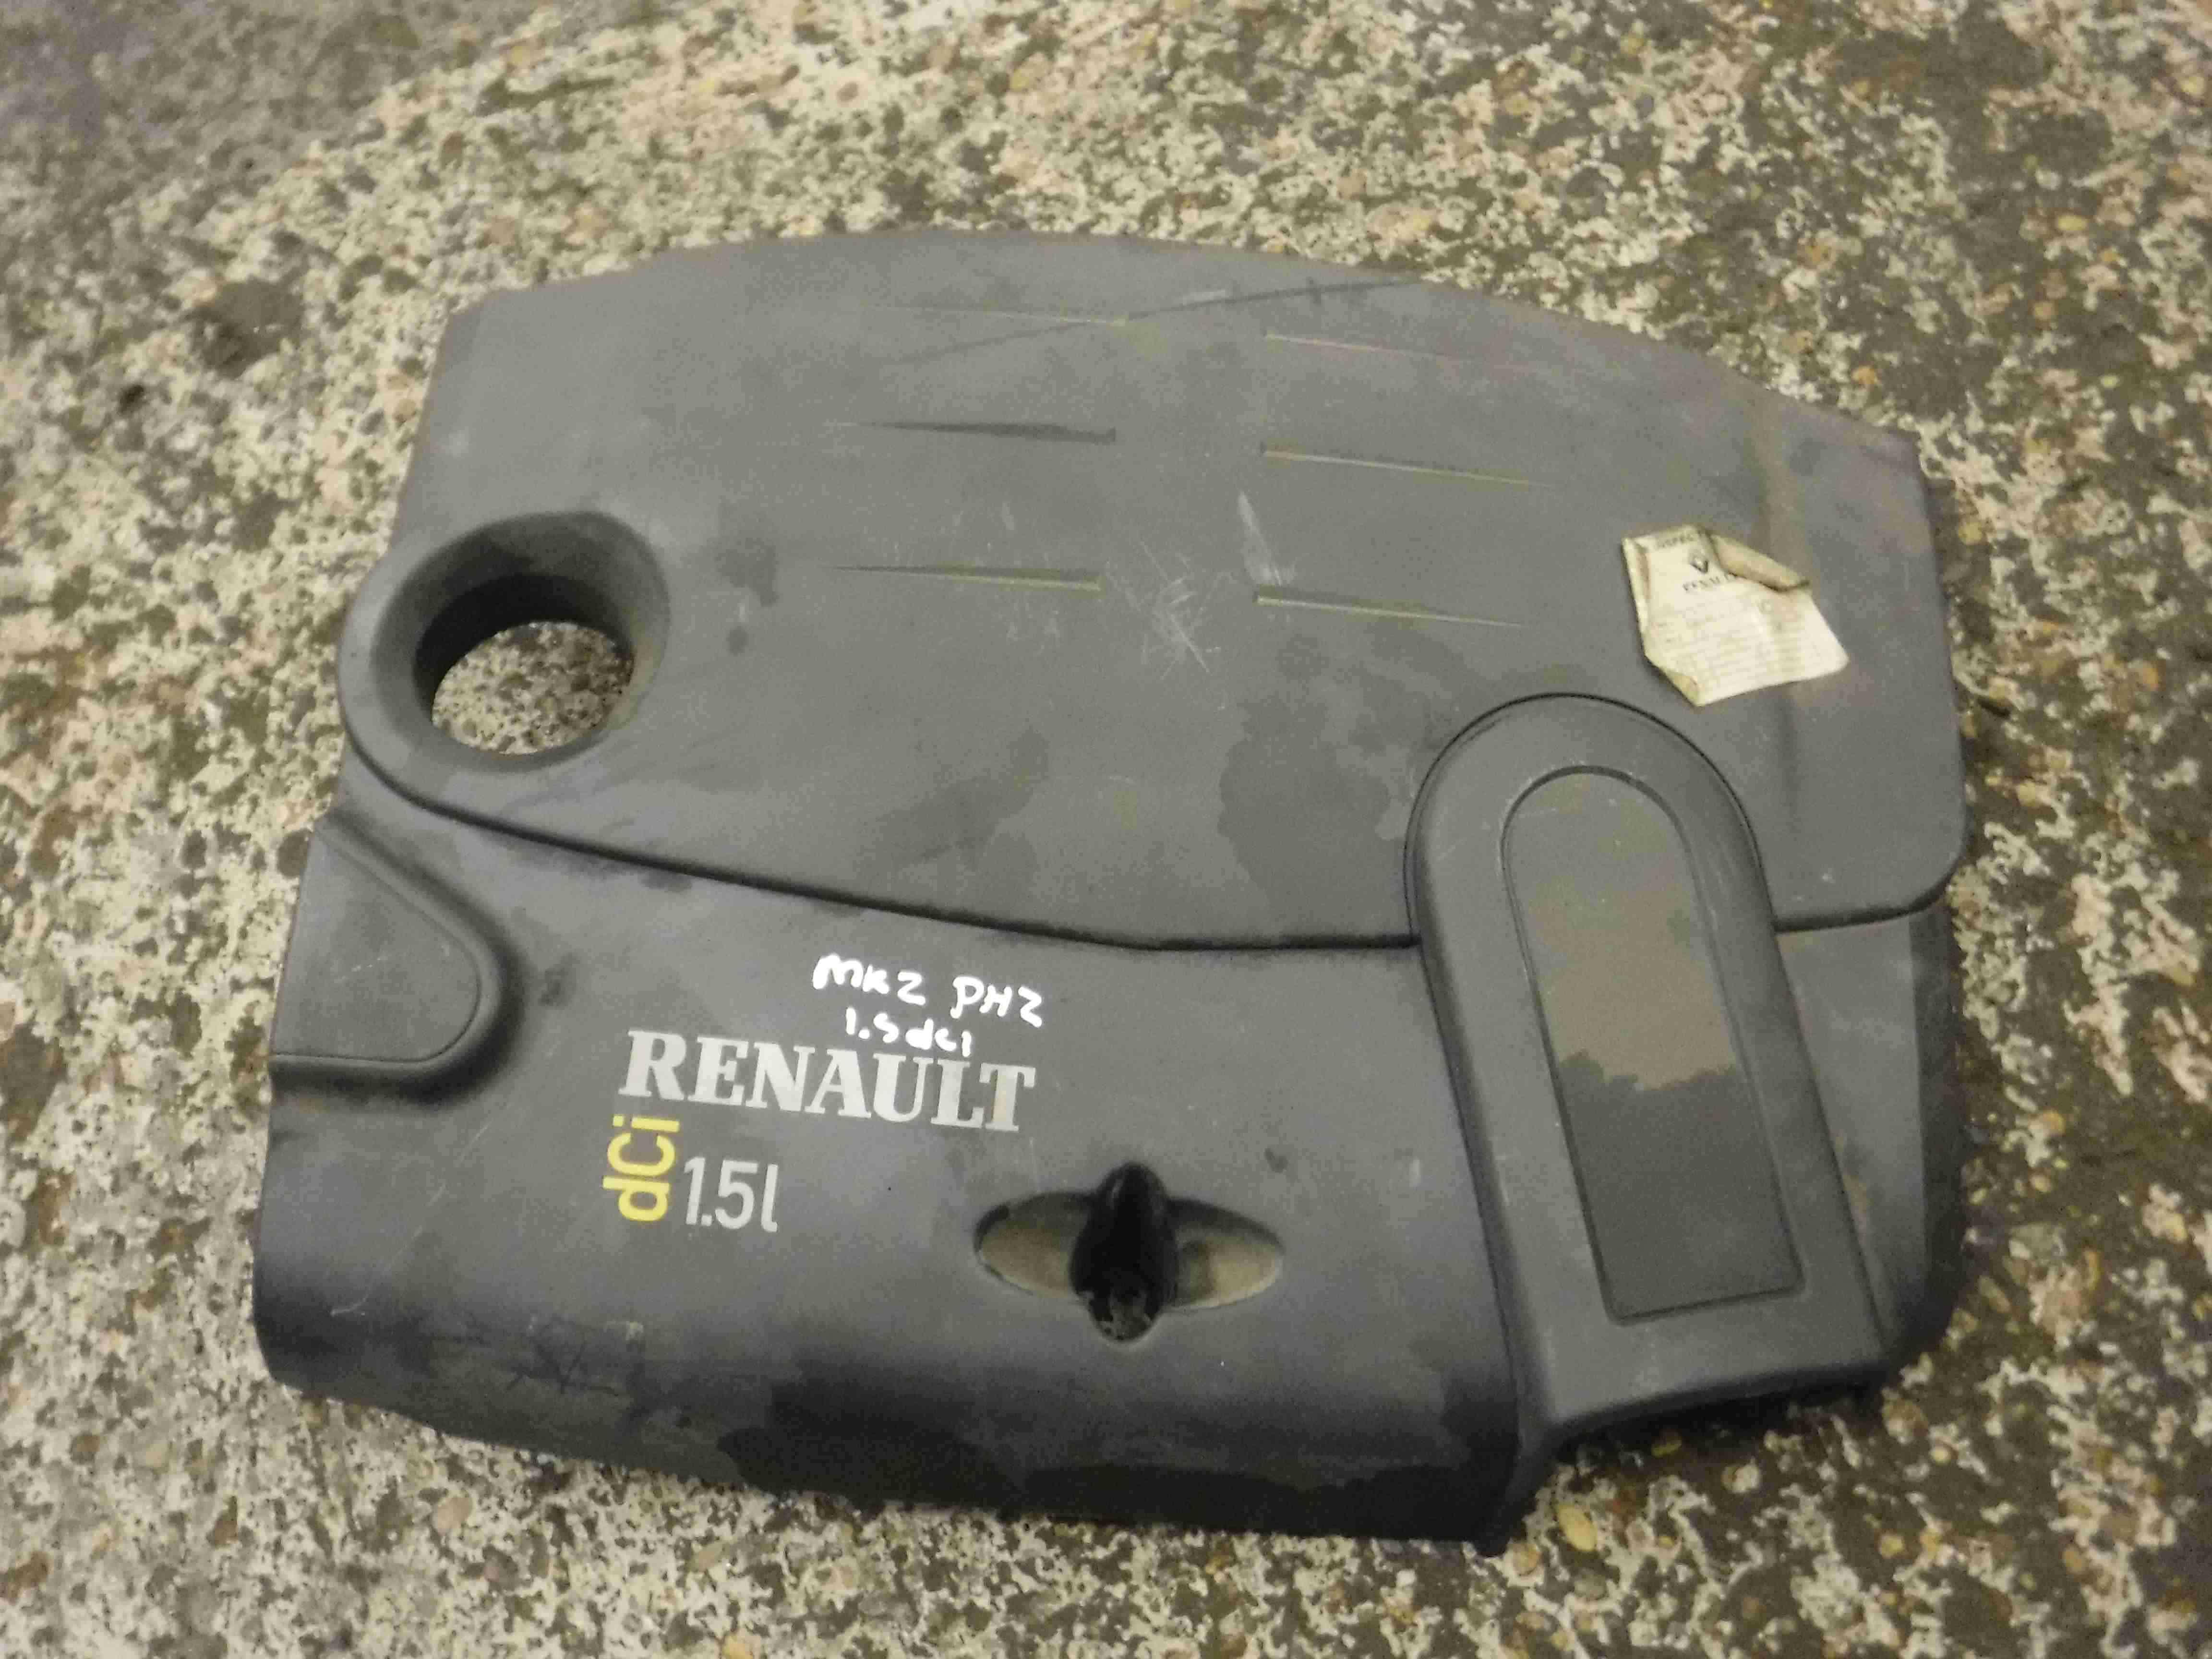 Renault Clio MK2 2001-2006 1.5 dCi Plastic Engine Cover